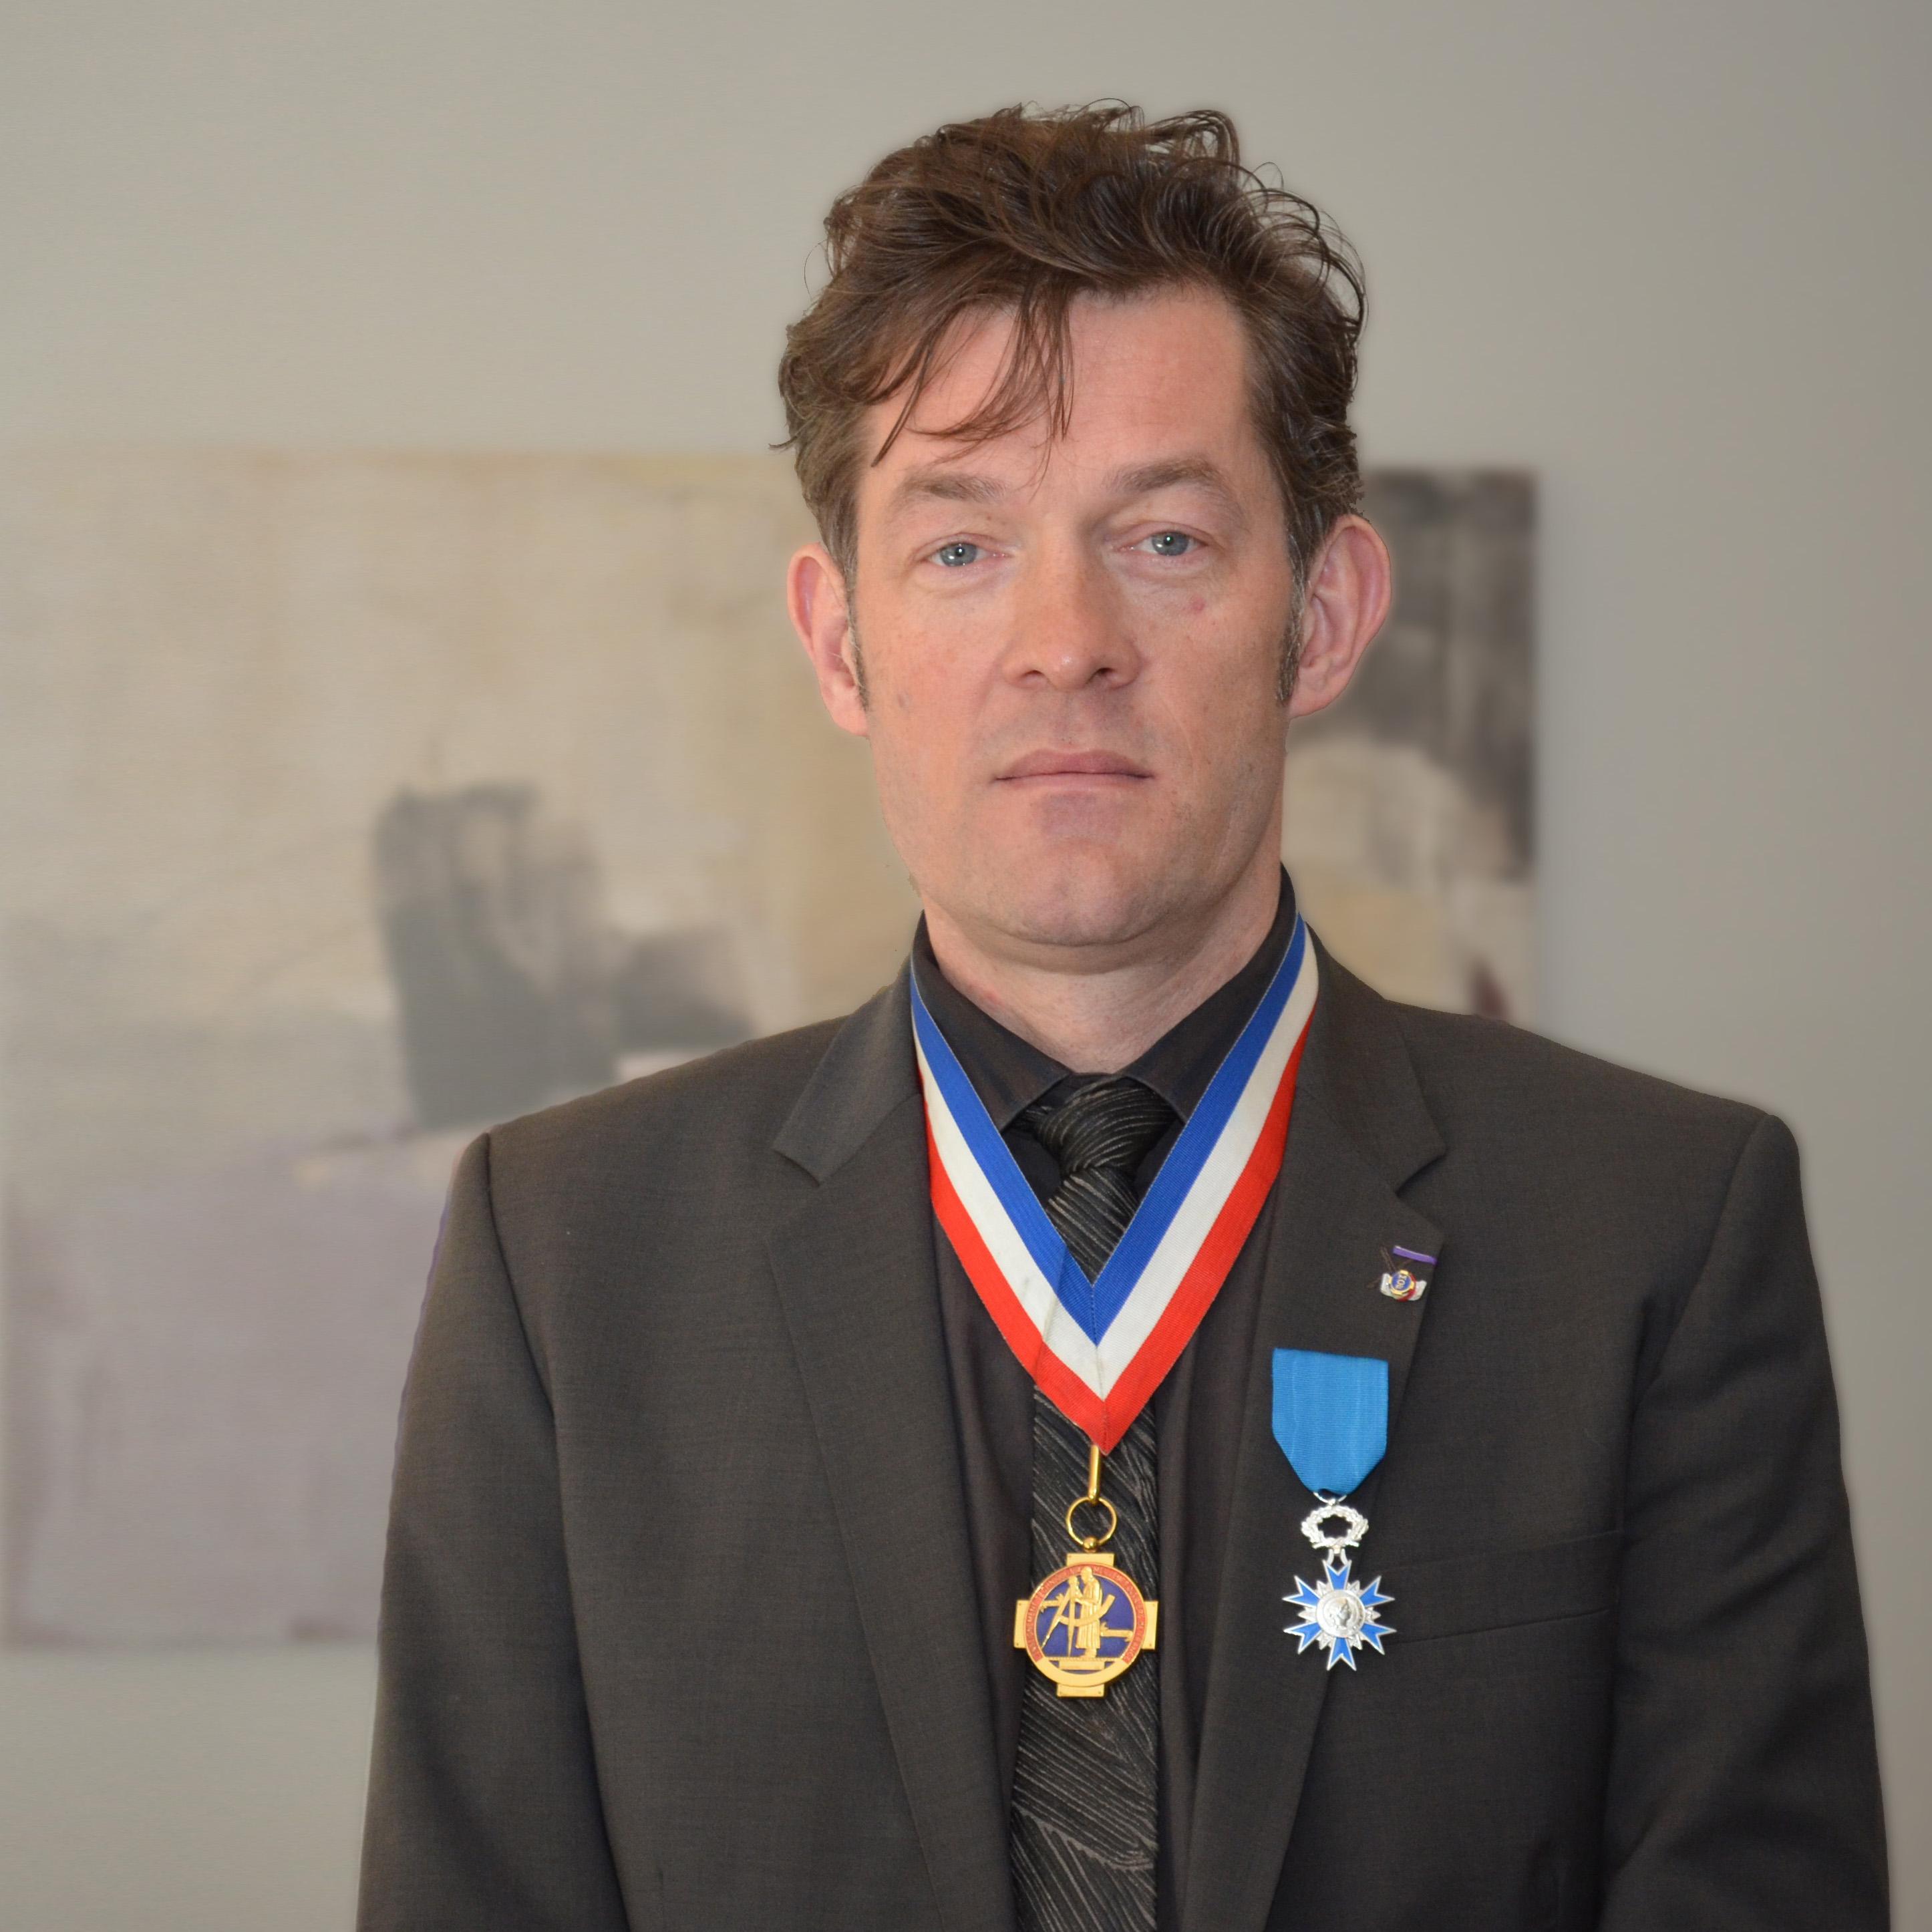 Nicolas Salagnac fait chevalier de l'Ordre National du Mérite